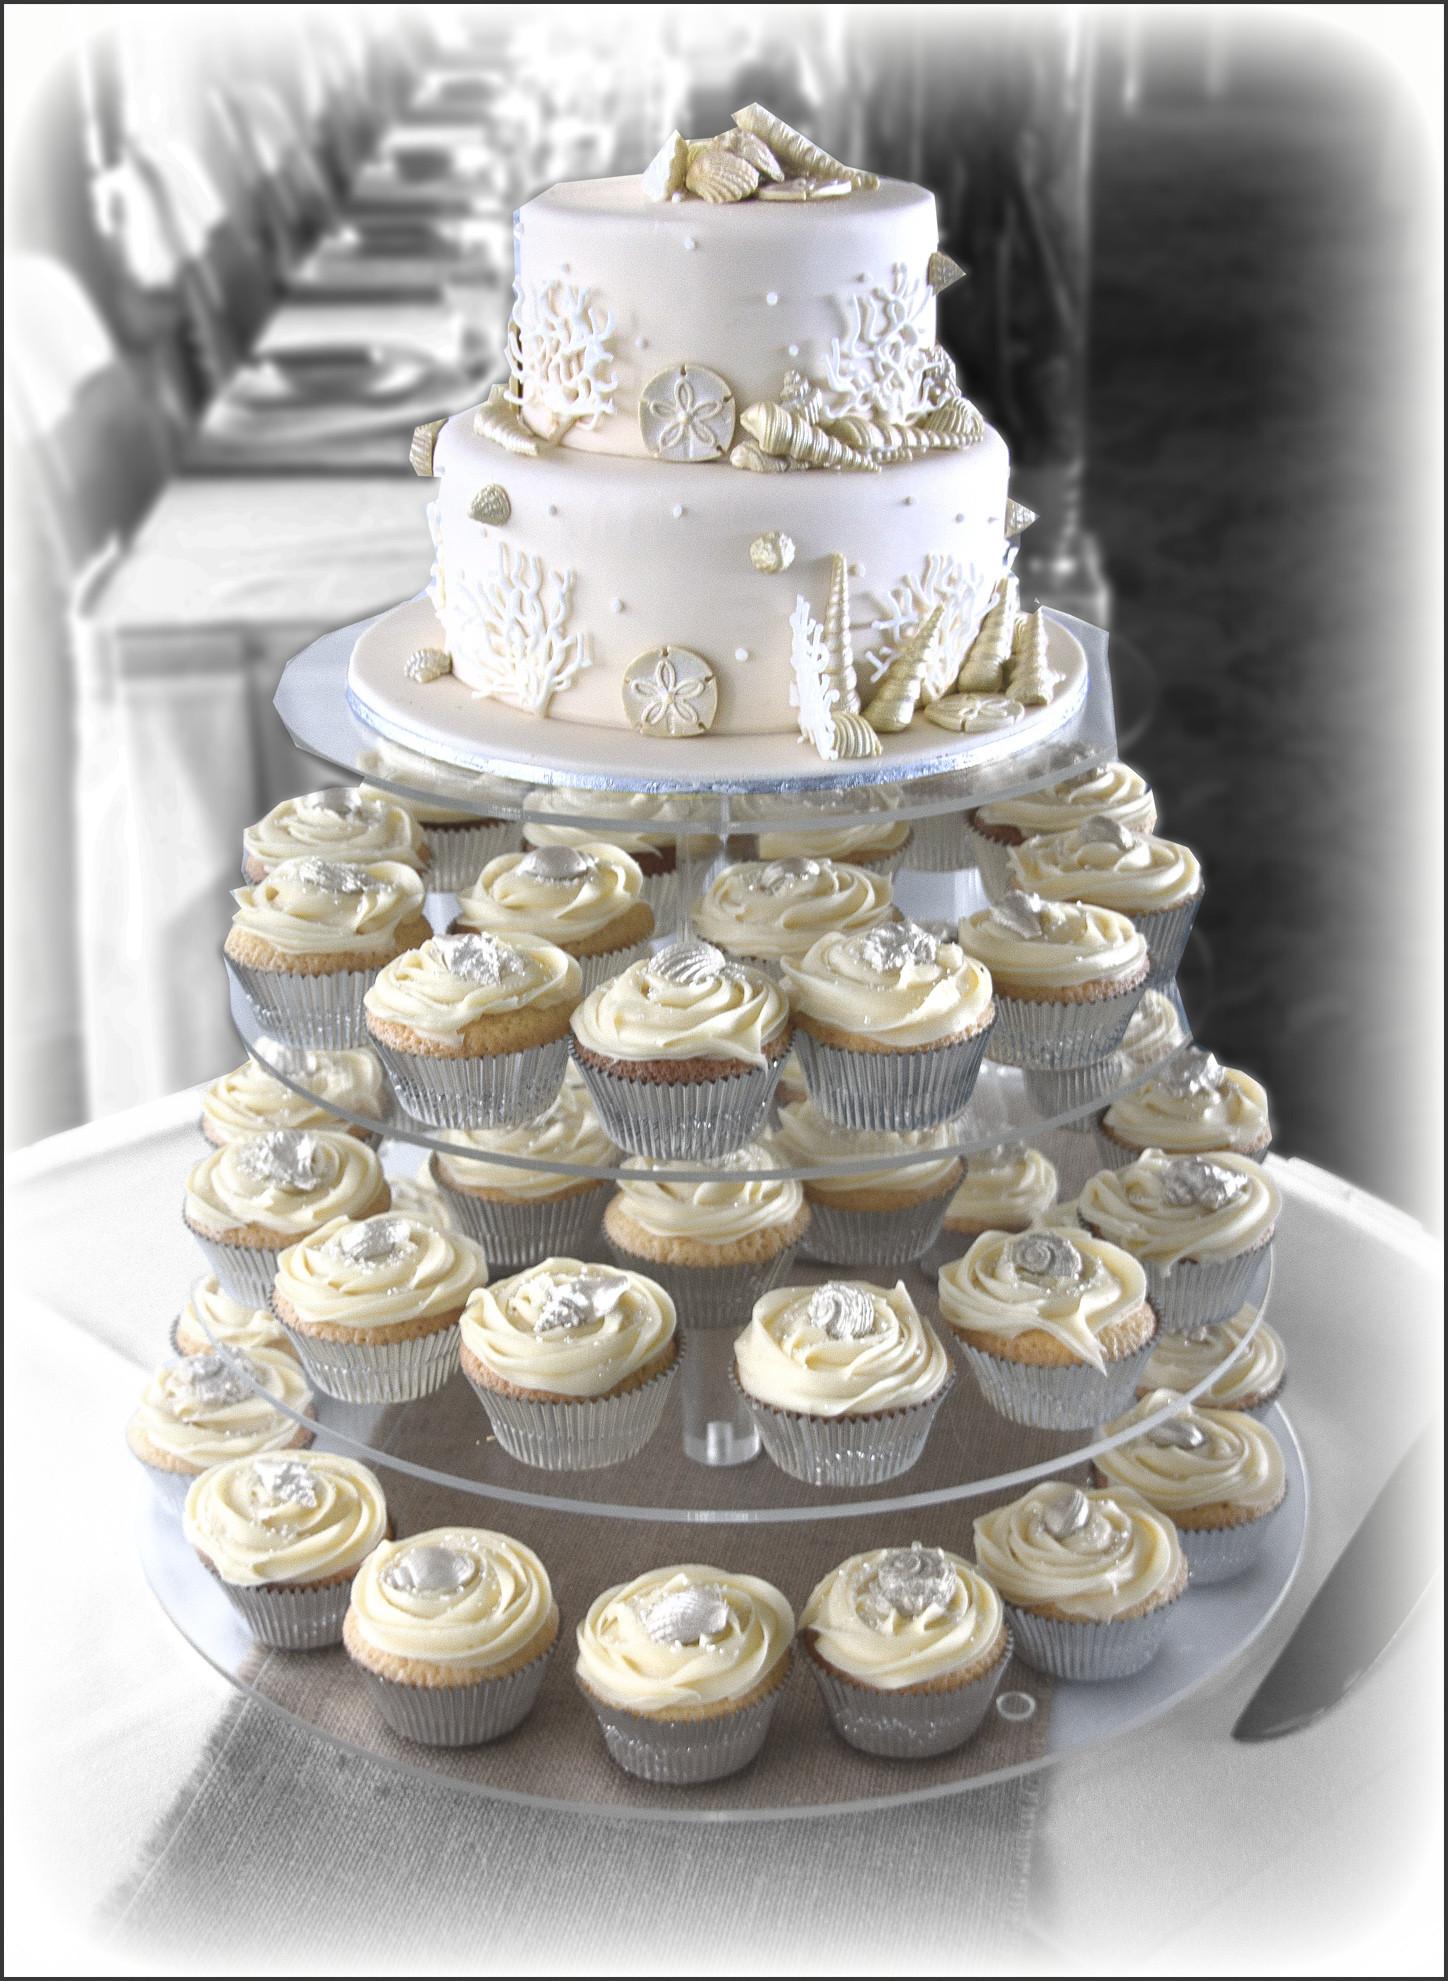 Wedding Cupcake Cakes  wedding cake & cupcake towers – cakes